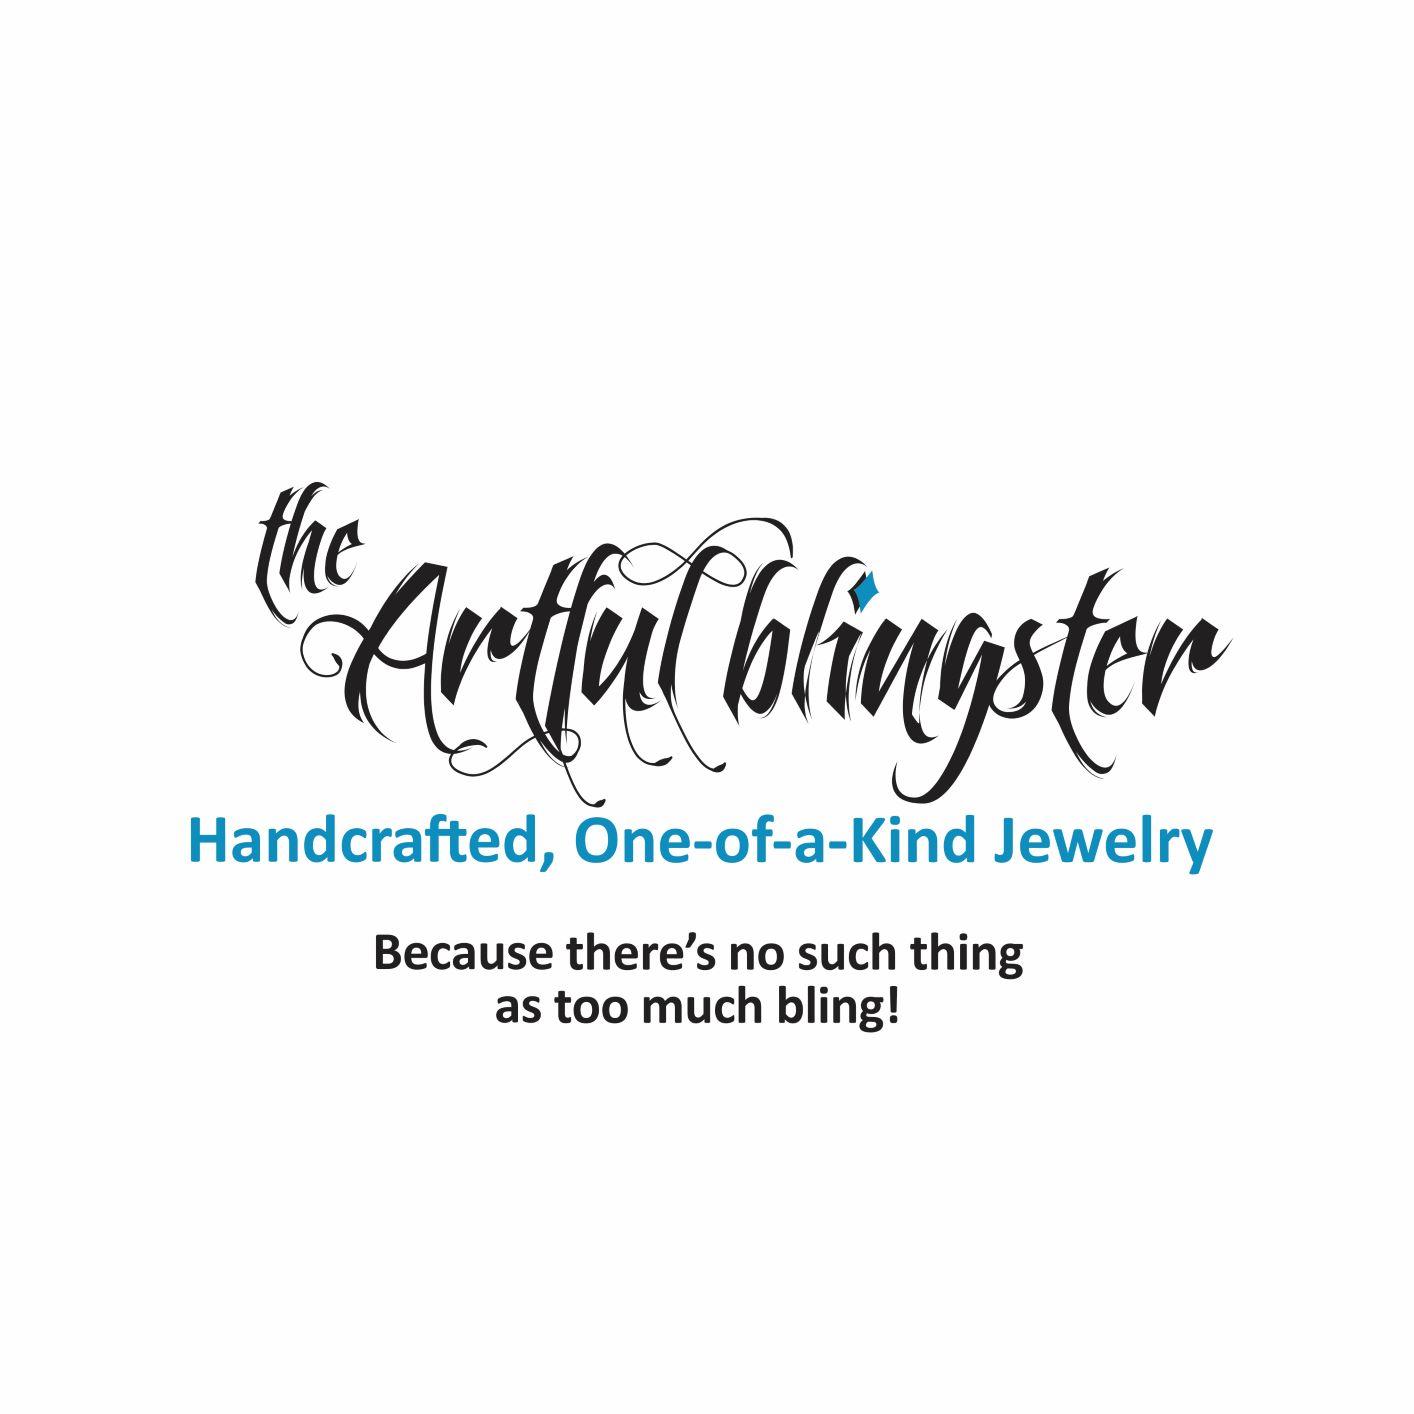 The Artful Blingster